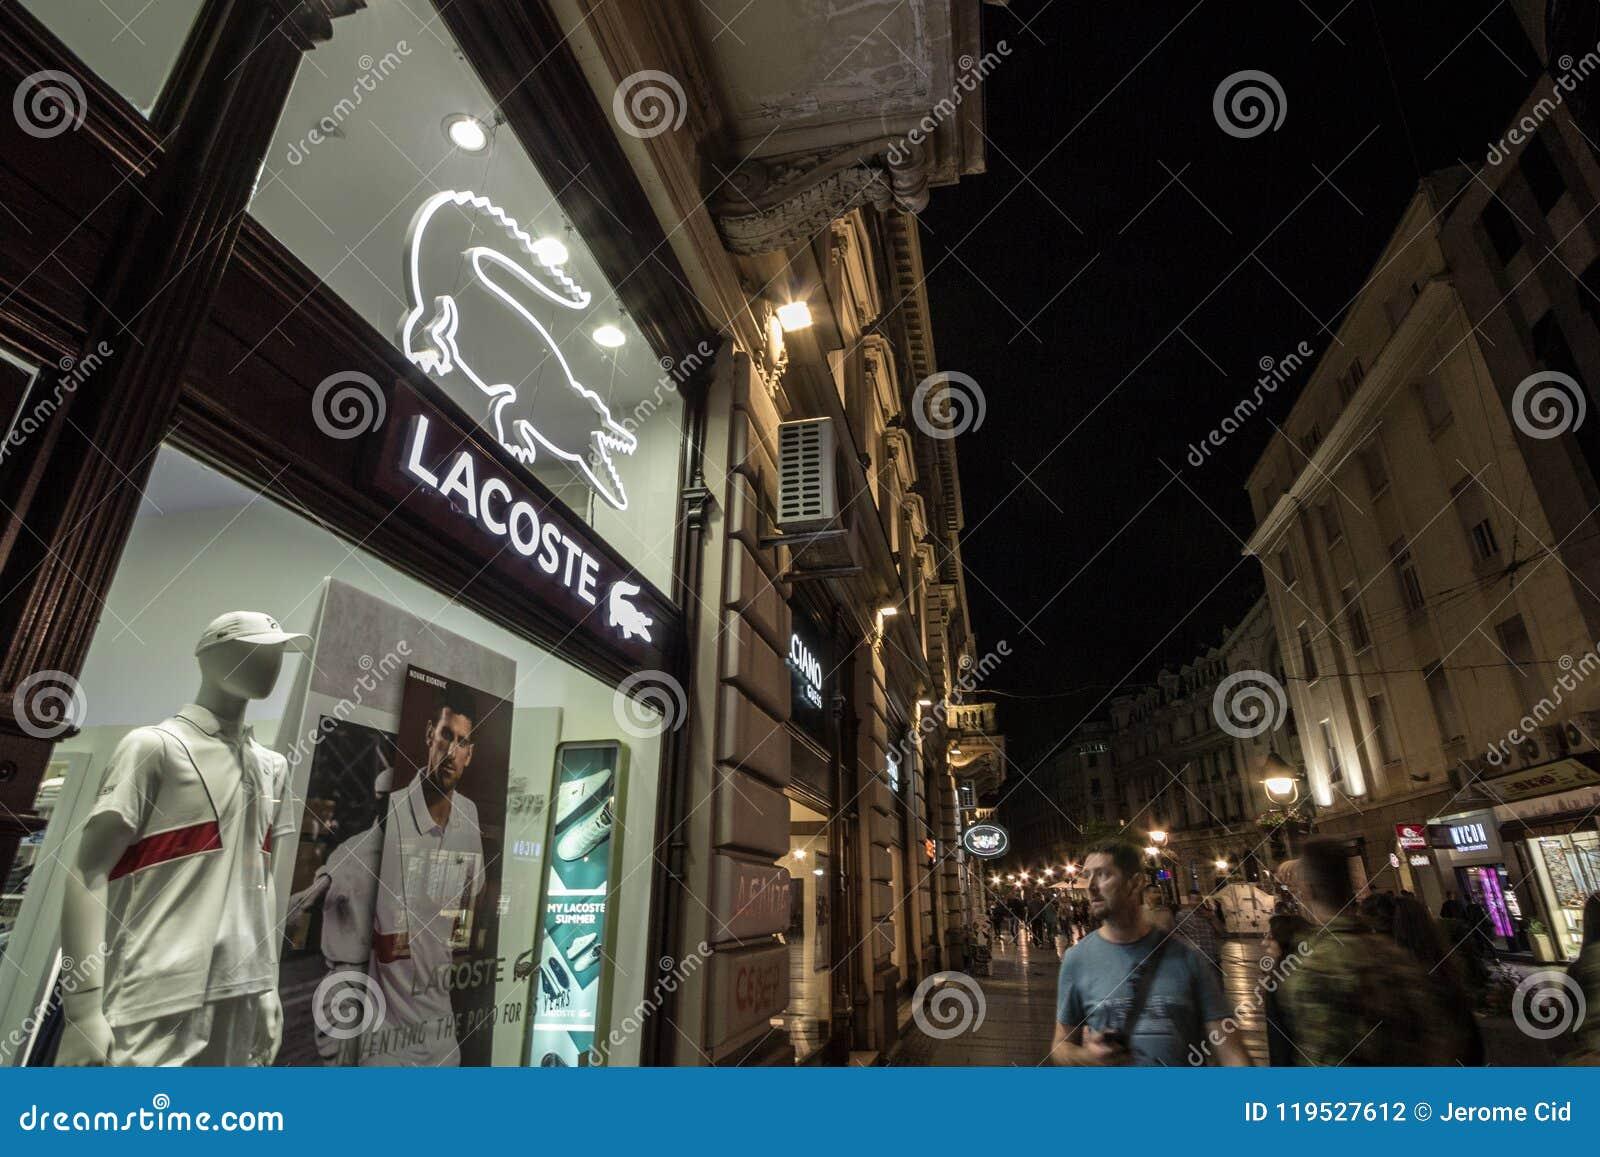 c0c411fbec63 Photo du signe de Lacoste sur leur boutique à Belgrade, Serbie, le soir,  avec des personnes passant par dans la rue Lacoste est une entreprise de  mode, ...